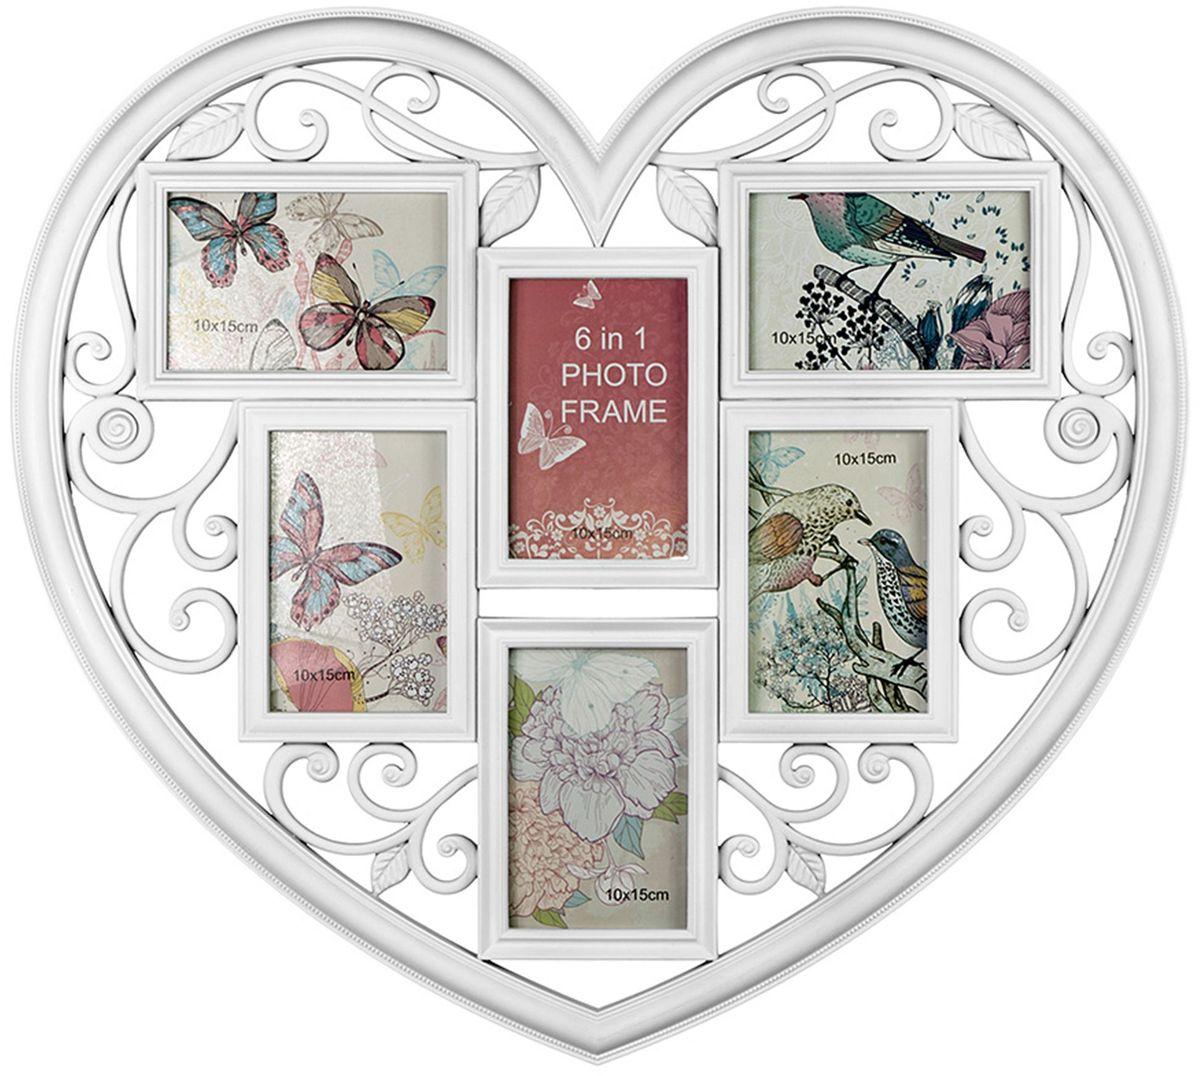 Коллаж Platinum Сердце, цвет: белый, 6 фоторамок. BIN-1123026Platinum JW97-2 ПИНЕТО-БОРДОВЫЙ 10x15Пластиковый коллаж с 6 фото 10х15 см.